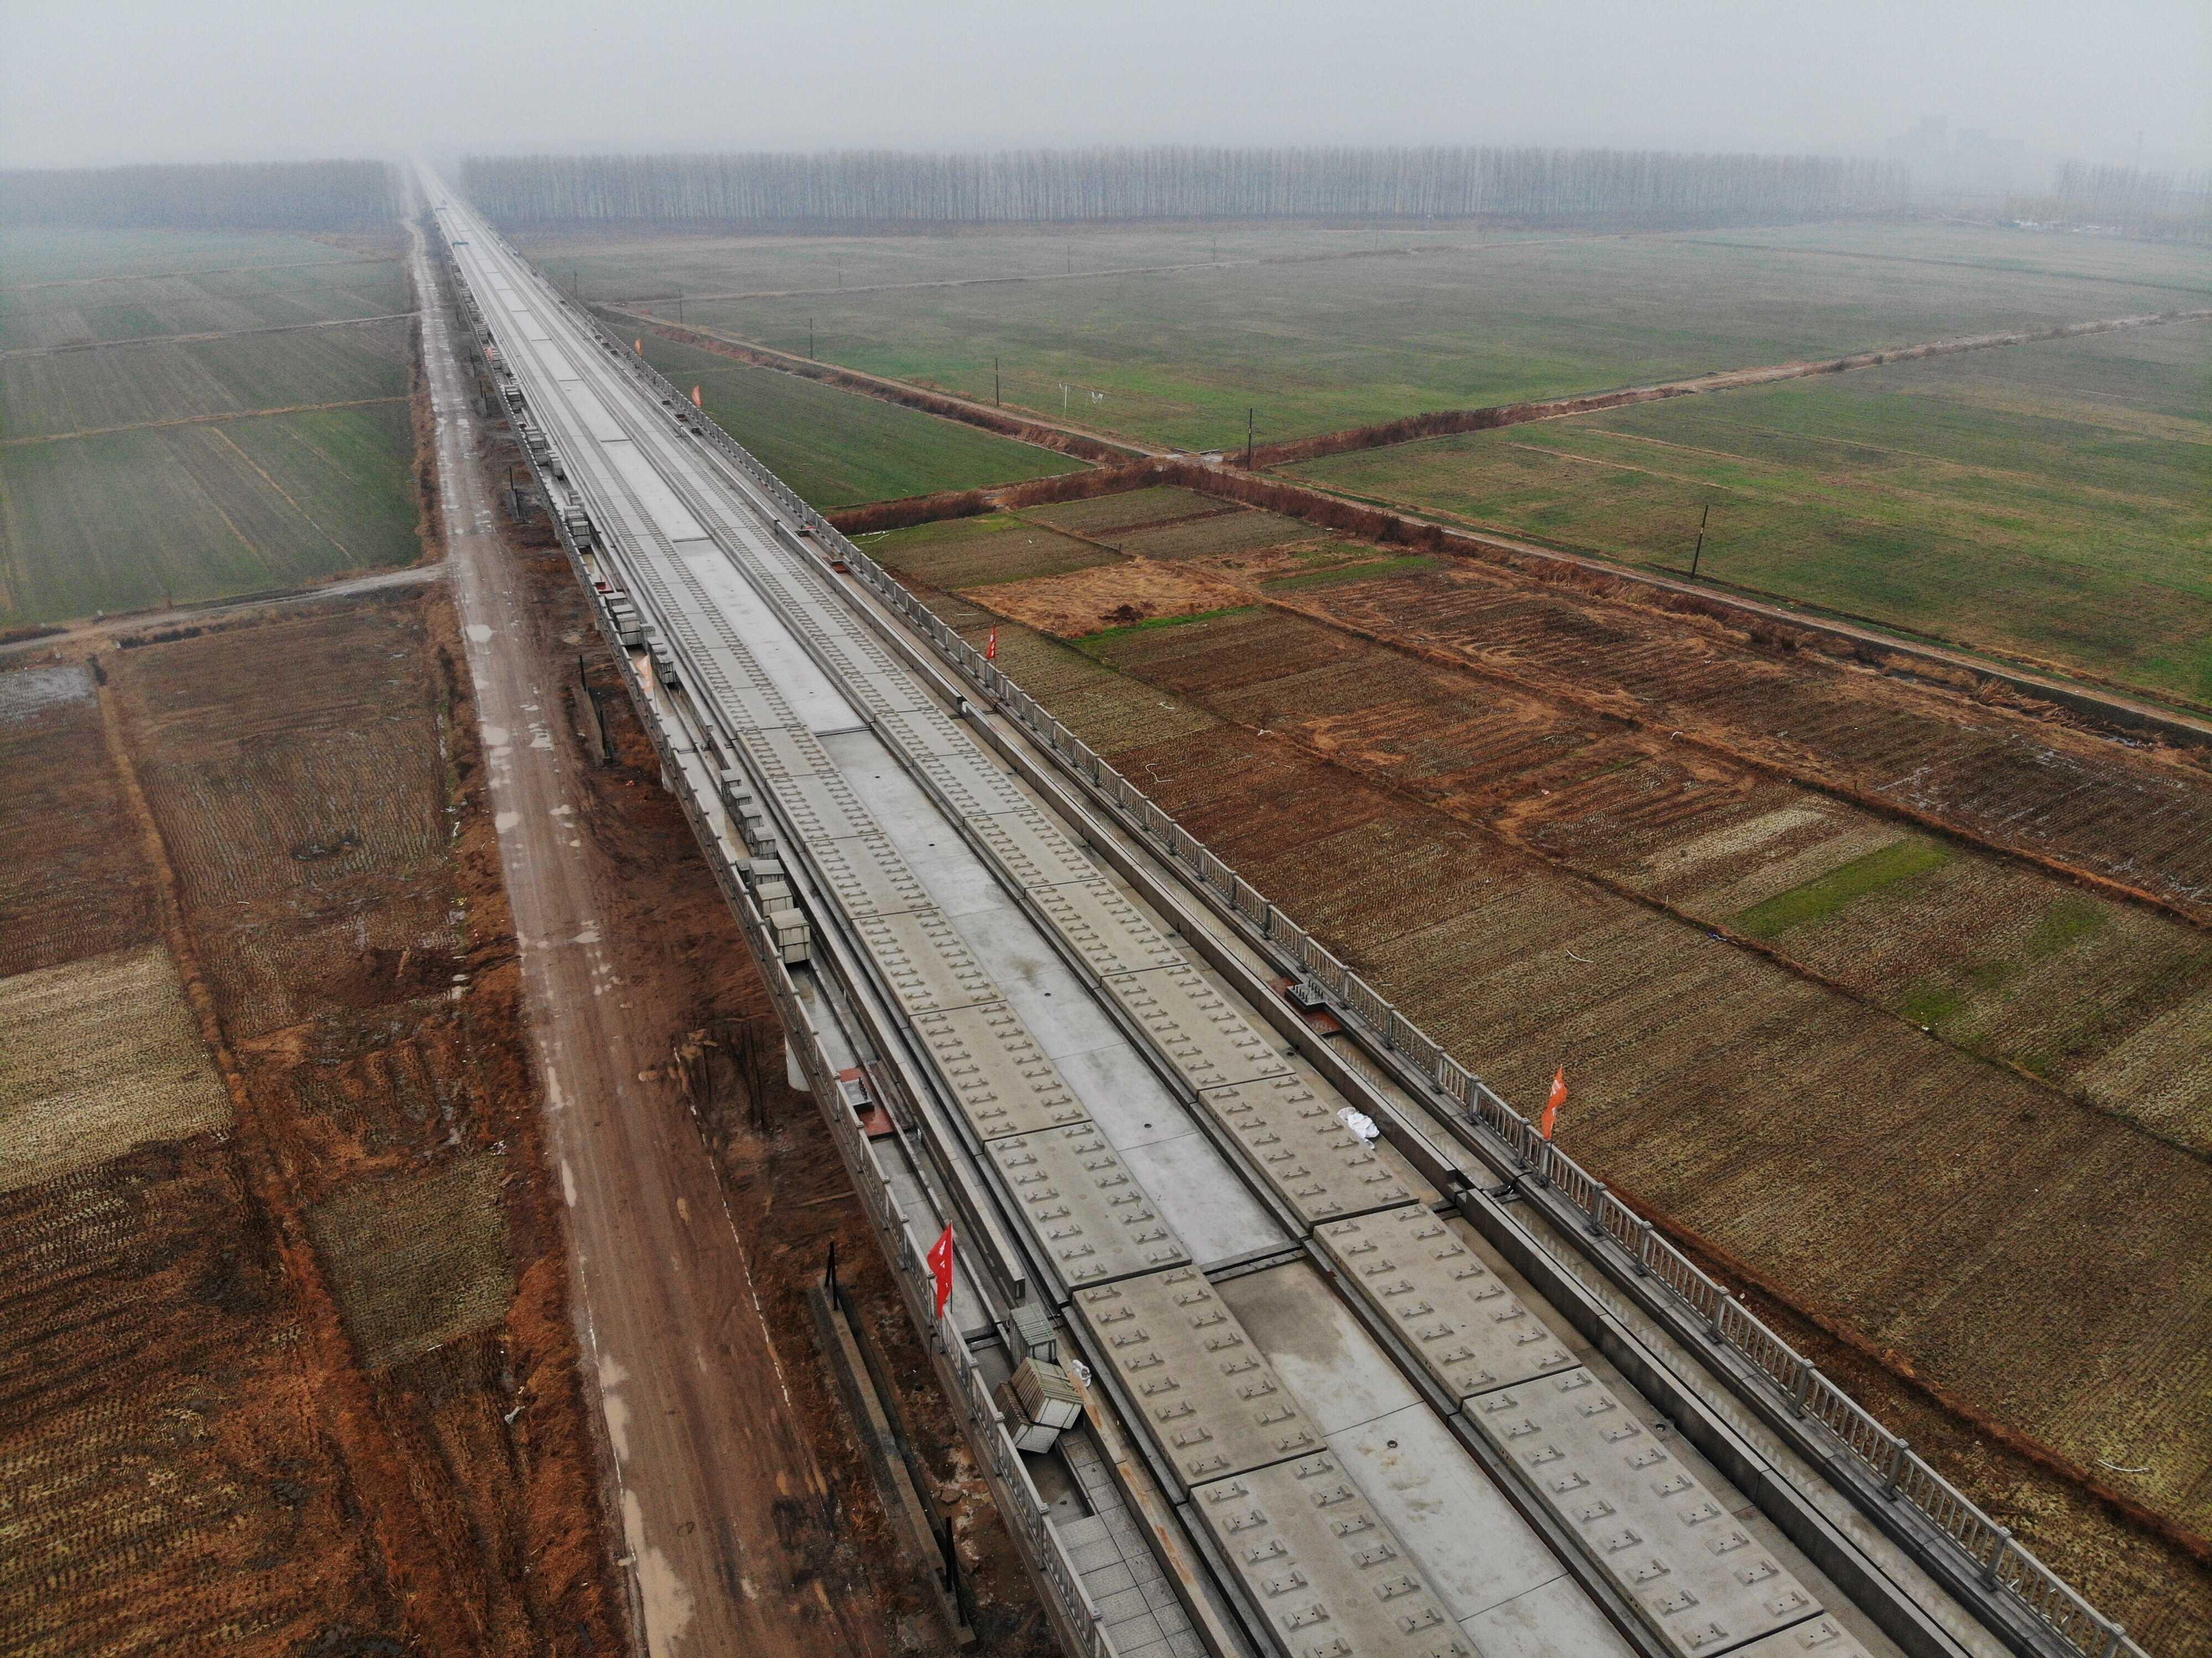 鲁南高铁临沂段无砟轨道铺设完成